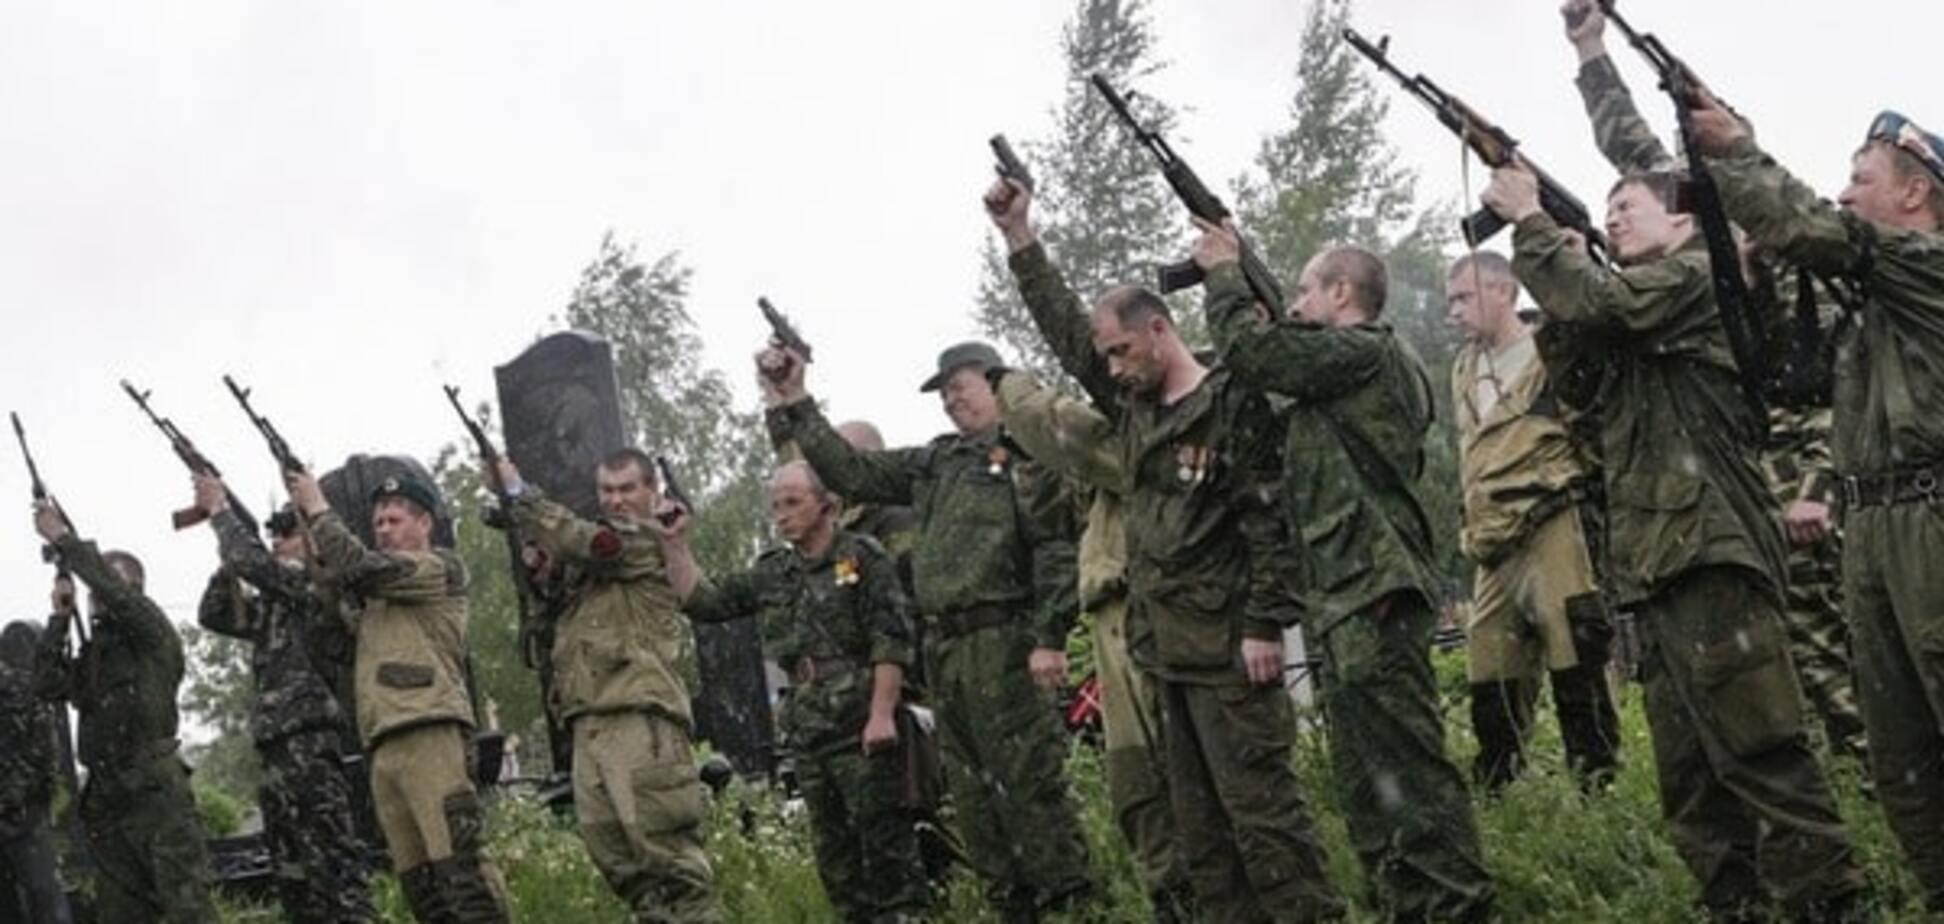 Терористи влаштували атаки на донецькому і луганському напрямках